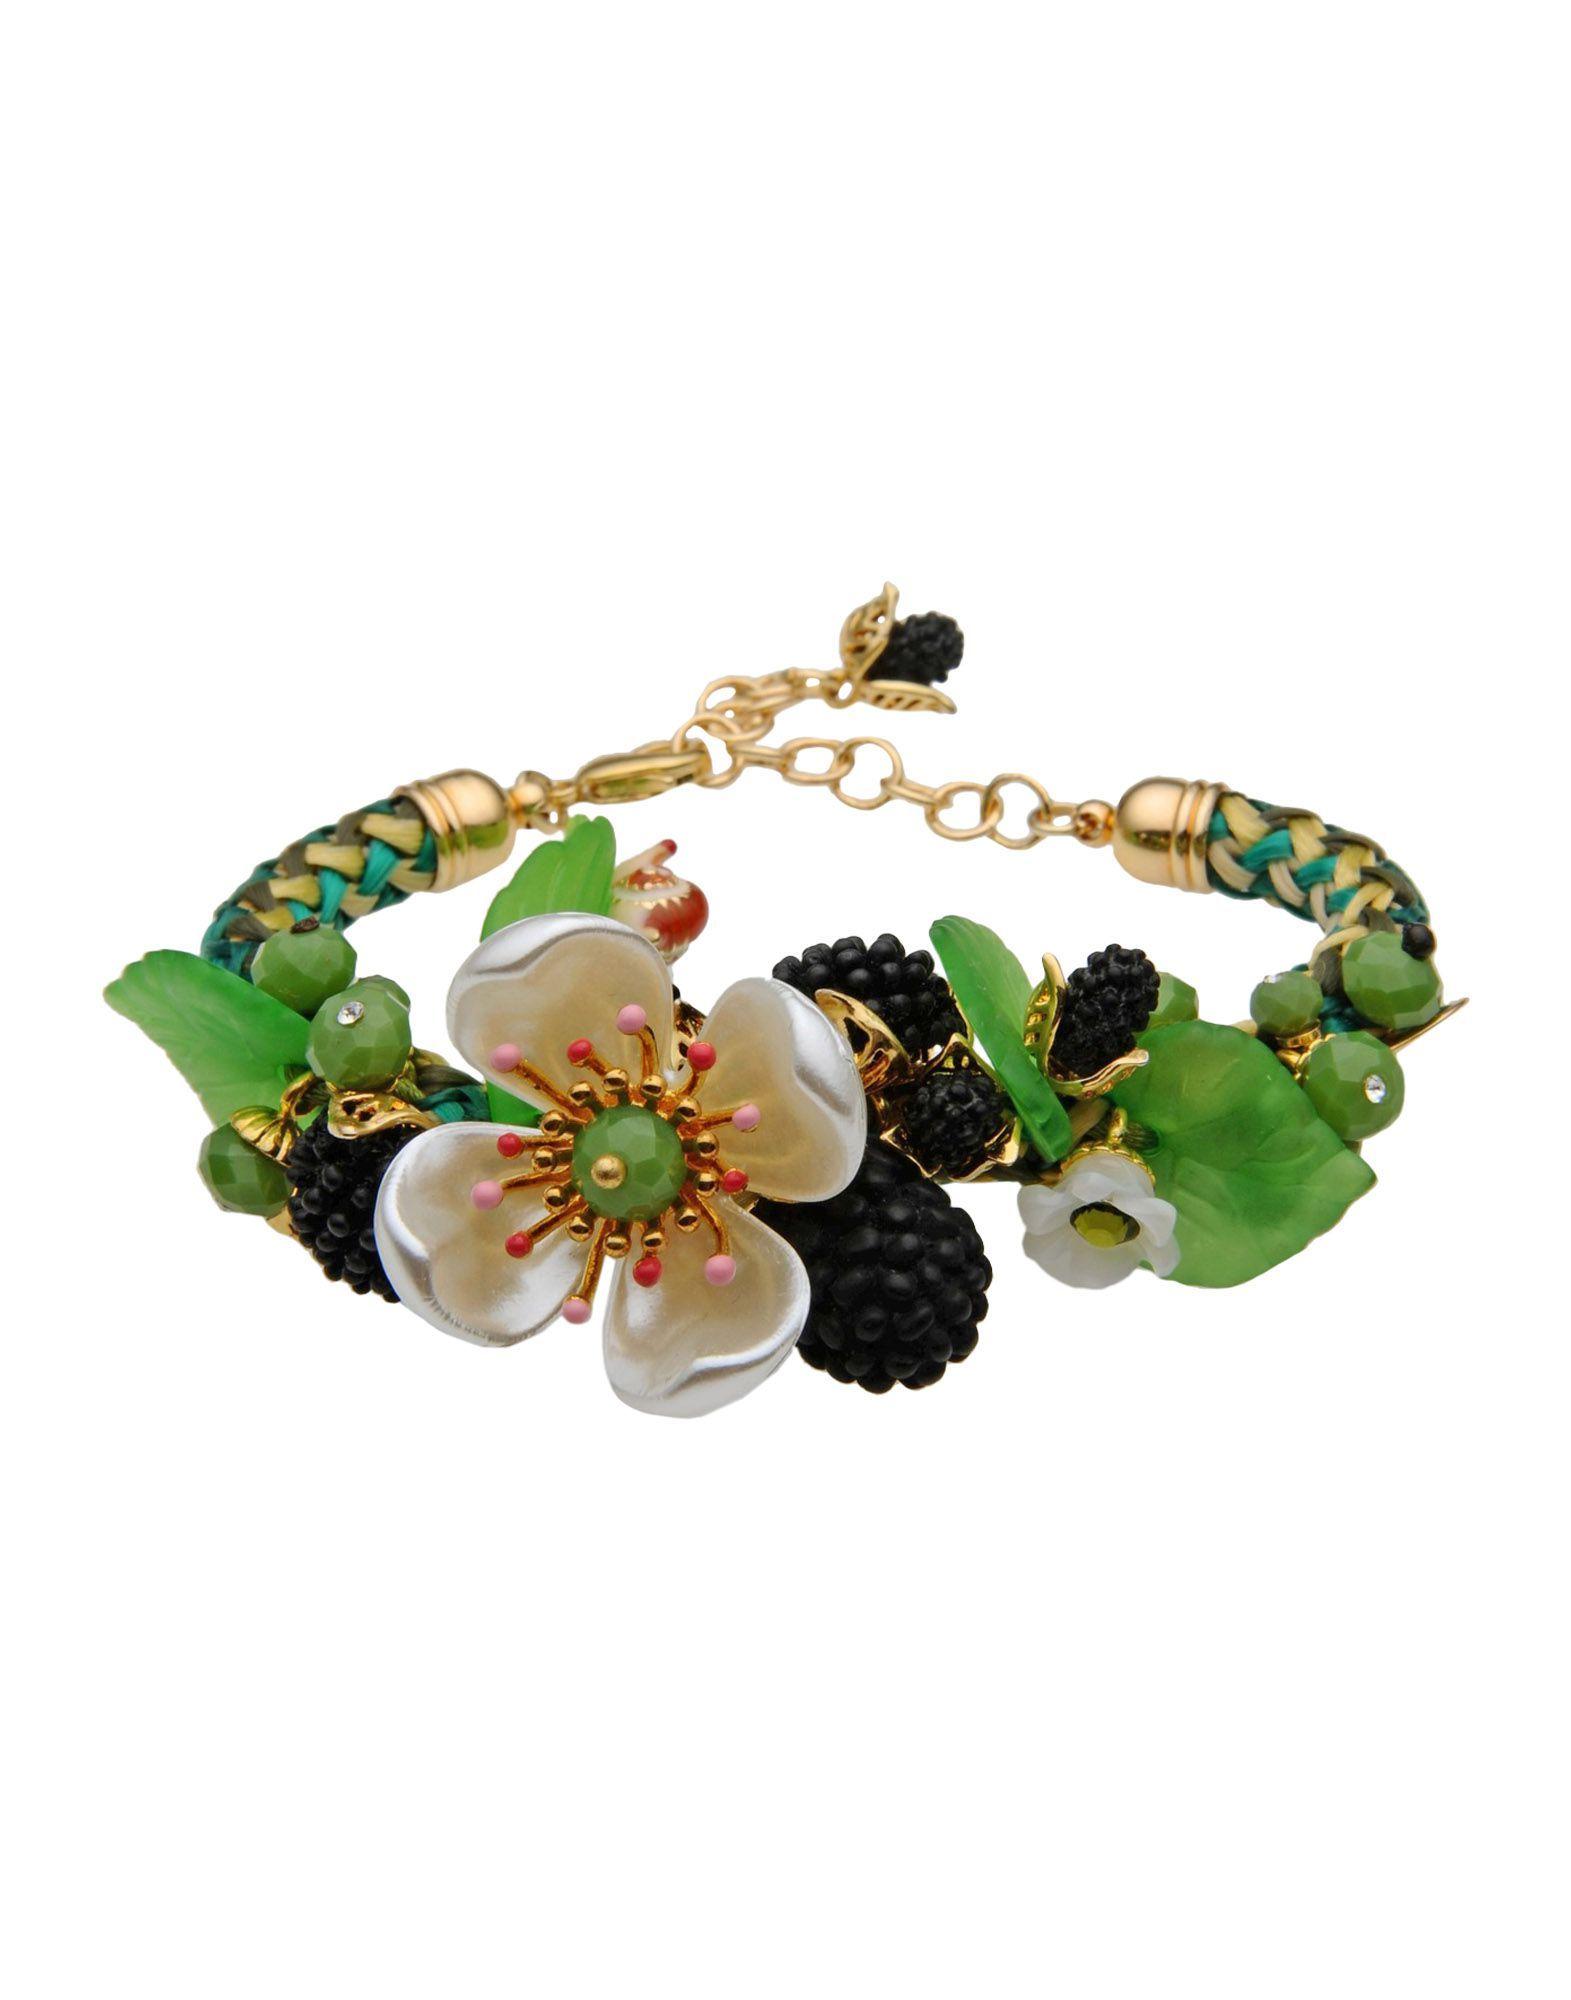 LA HORMIGA JEWELRY - Bracelets su YOOX.COM RHUawufuow